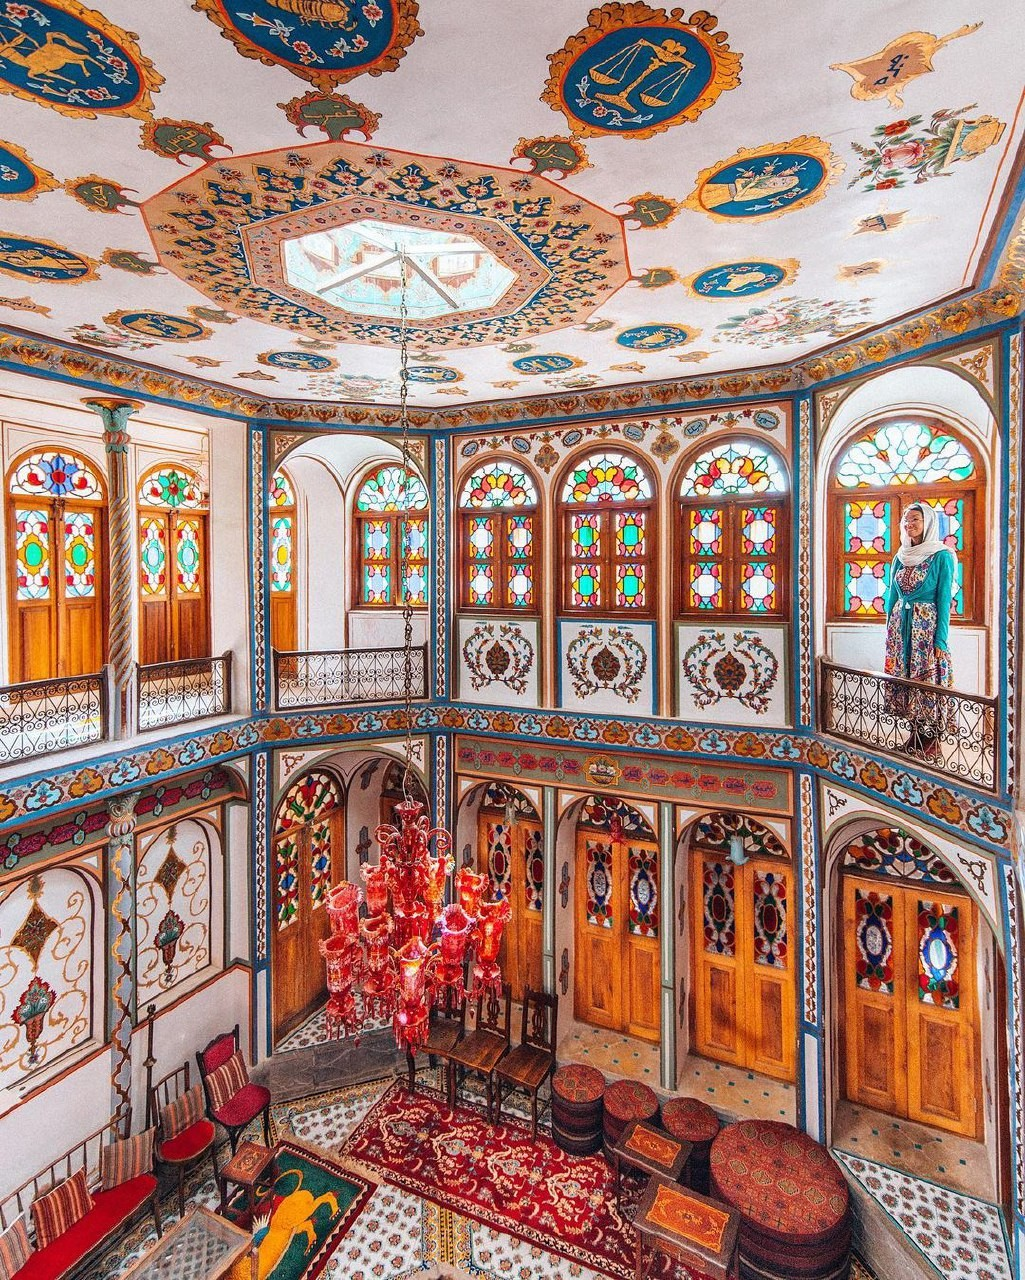 خانه تاریخی ملاباشی - اصفهان